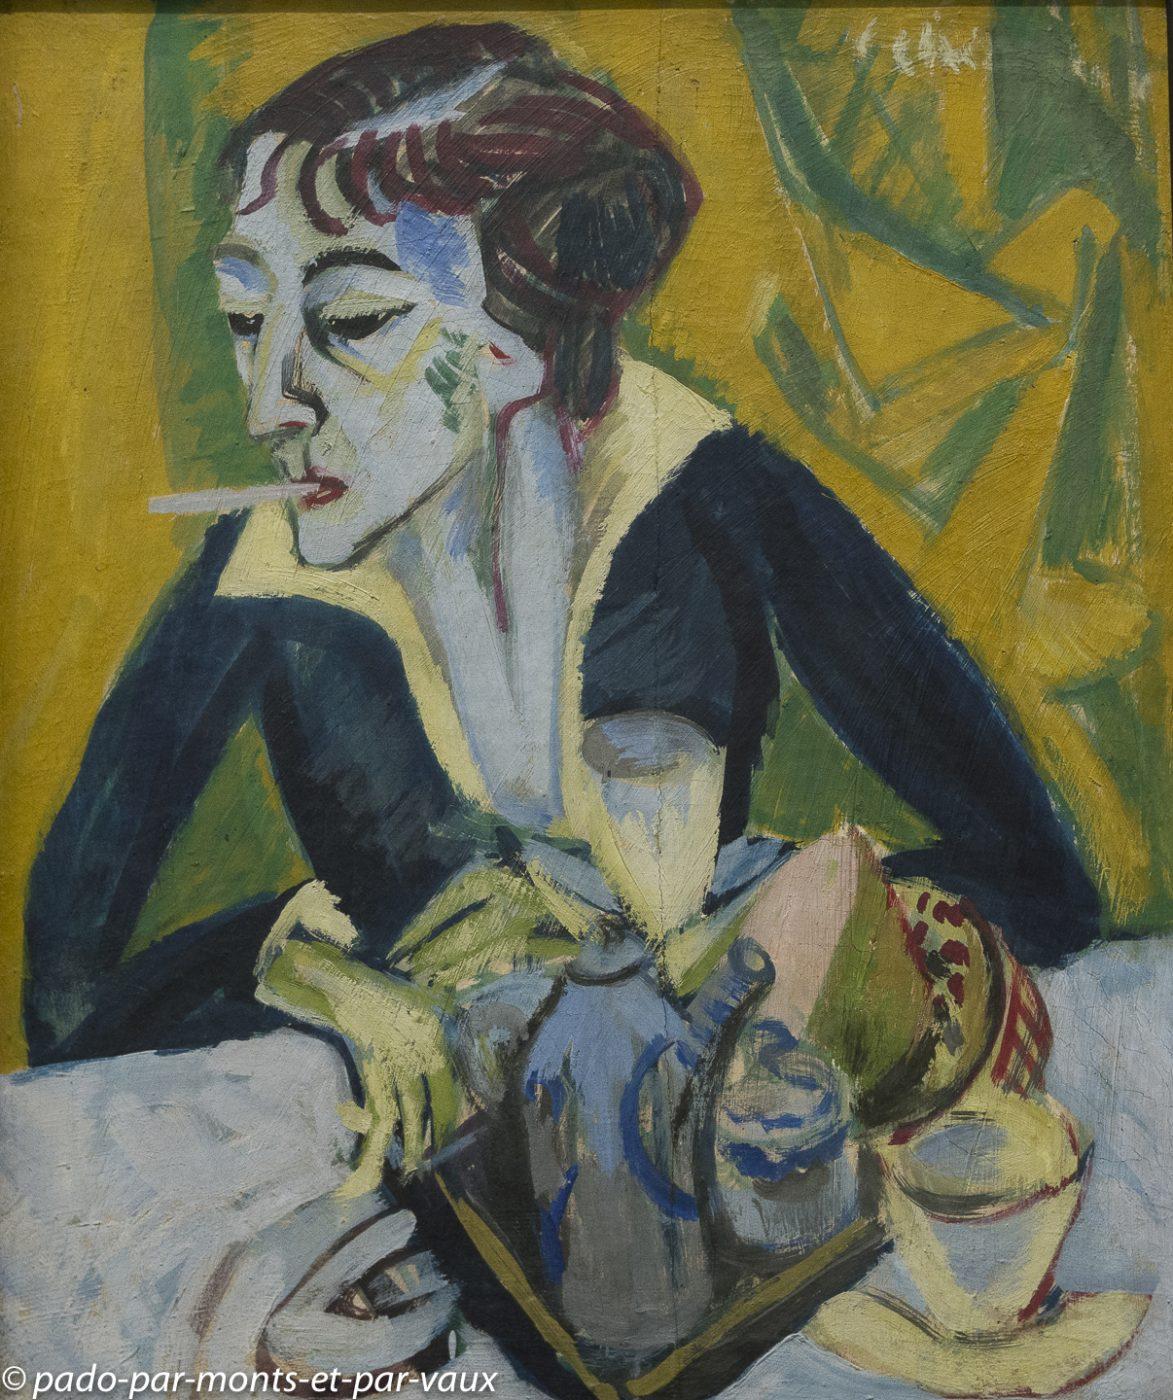 Munich pinacothèque d'art moderne - Kirchner